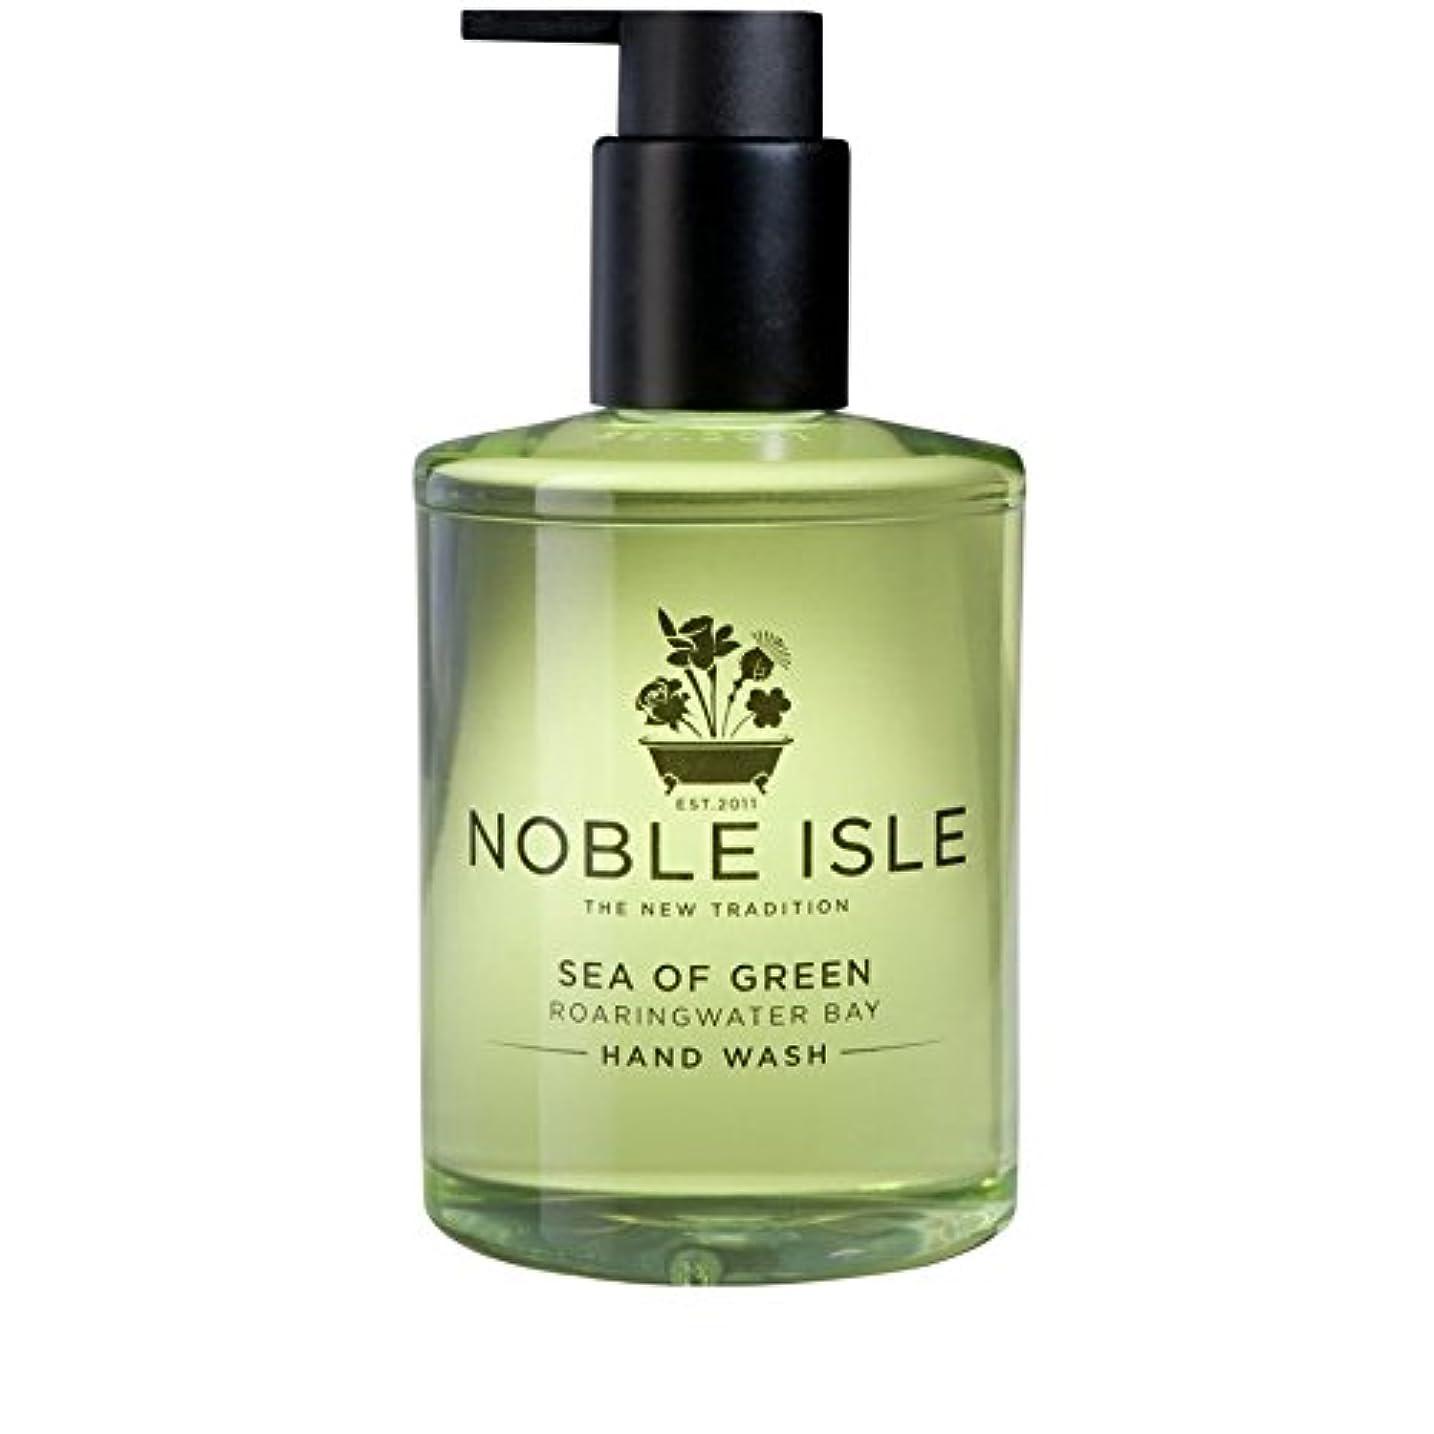 良いまたはどちらか着替える緑ベイハンドウォッシュ250ミリリットルの高貴な島の海 x2 - Noble Isle Sea of Green Roaringwater Bay Hand Wash 250ml (Pack of 2) [並行輸入品]